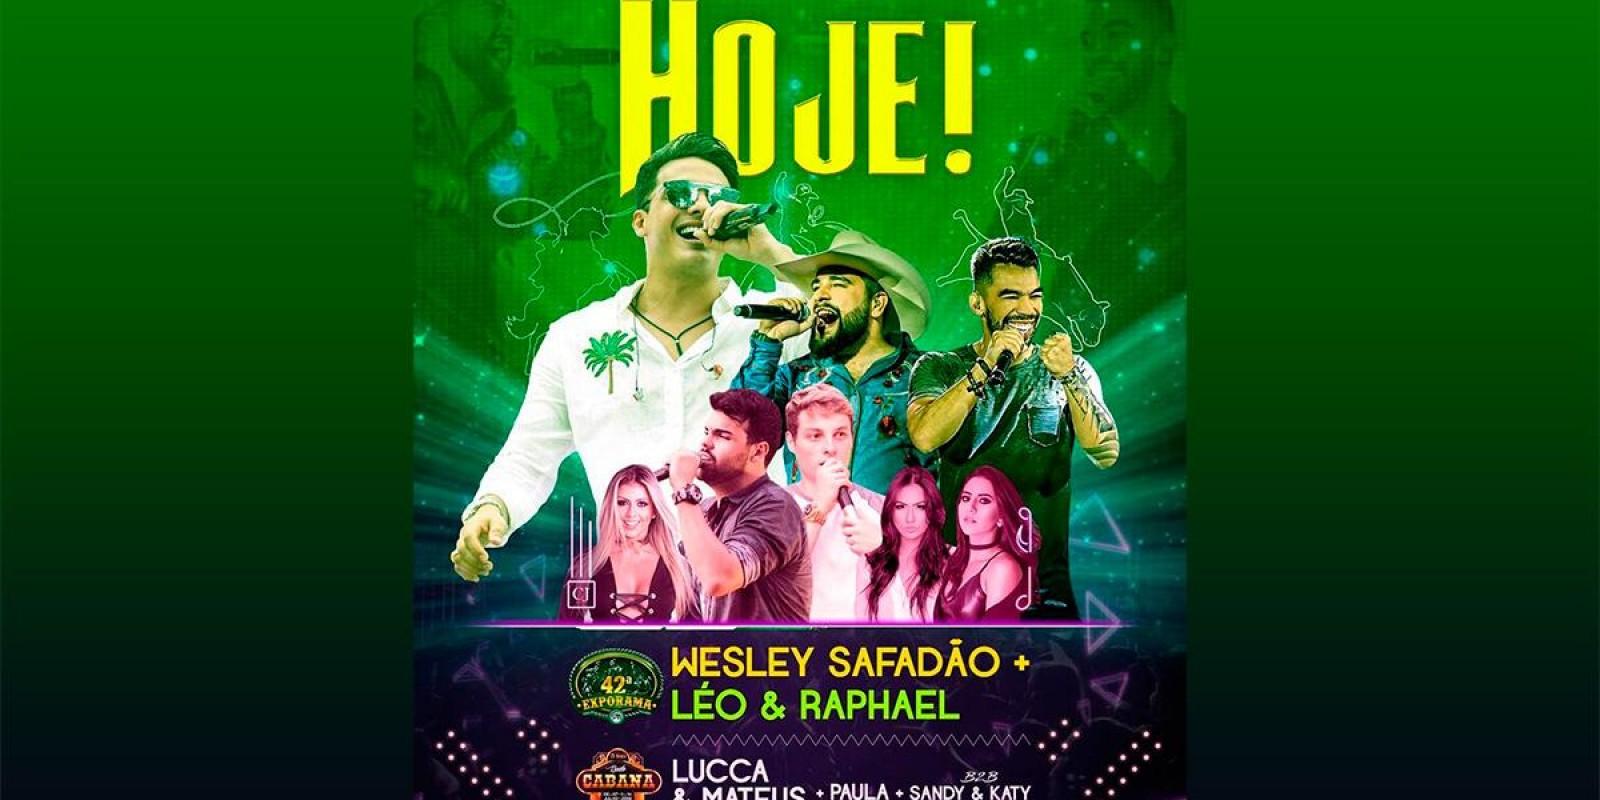 EXPORAMA - Hoje vai rolar dois Shows WESLEY SAFADÃO + LÉO E RAPAHEL